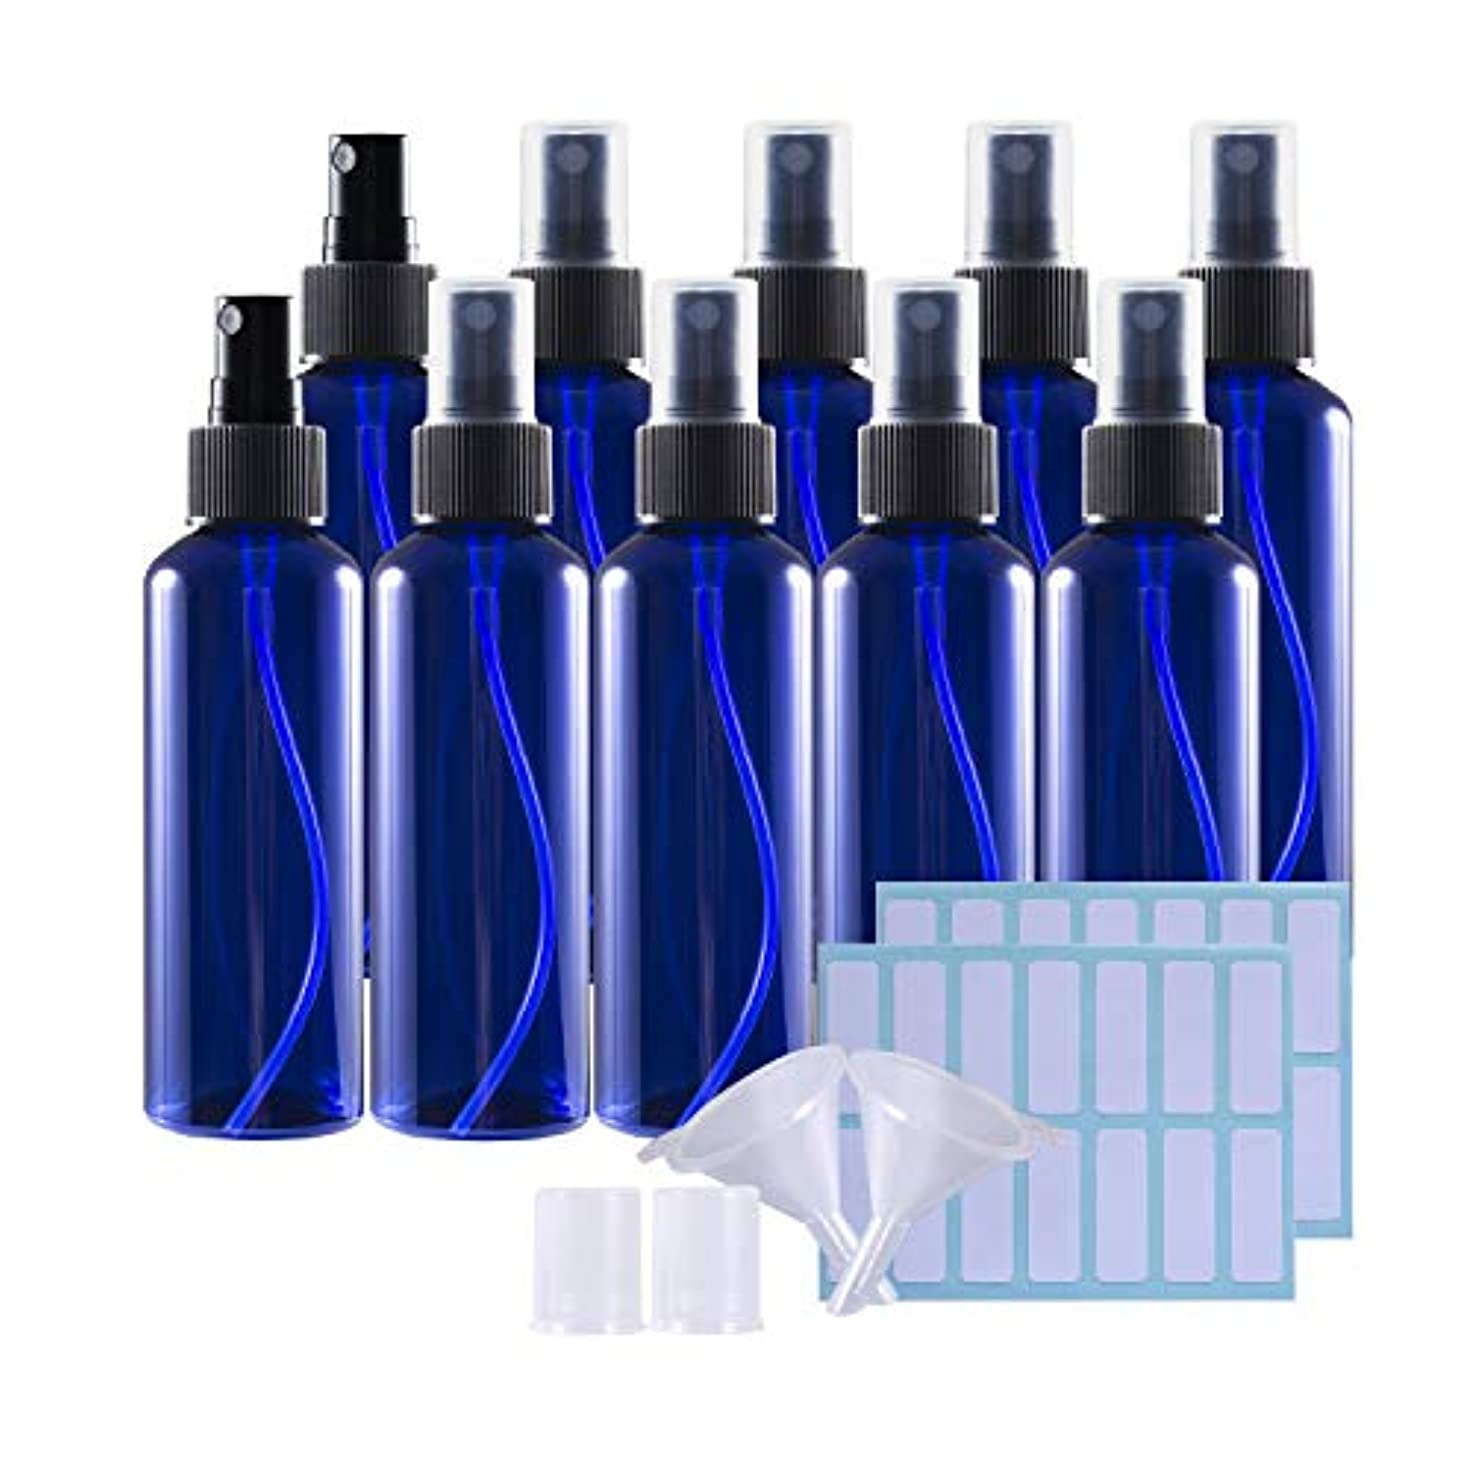 必要としている供給花に水をやる100mlスプレーボトル 10個セット遮光瓶 小分けボトル プラスチック容器 液体用空ボトル 押し式詰替用ボトル 詰め替え シャンプー クリーム 化粧品 収納瓶